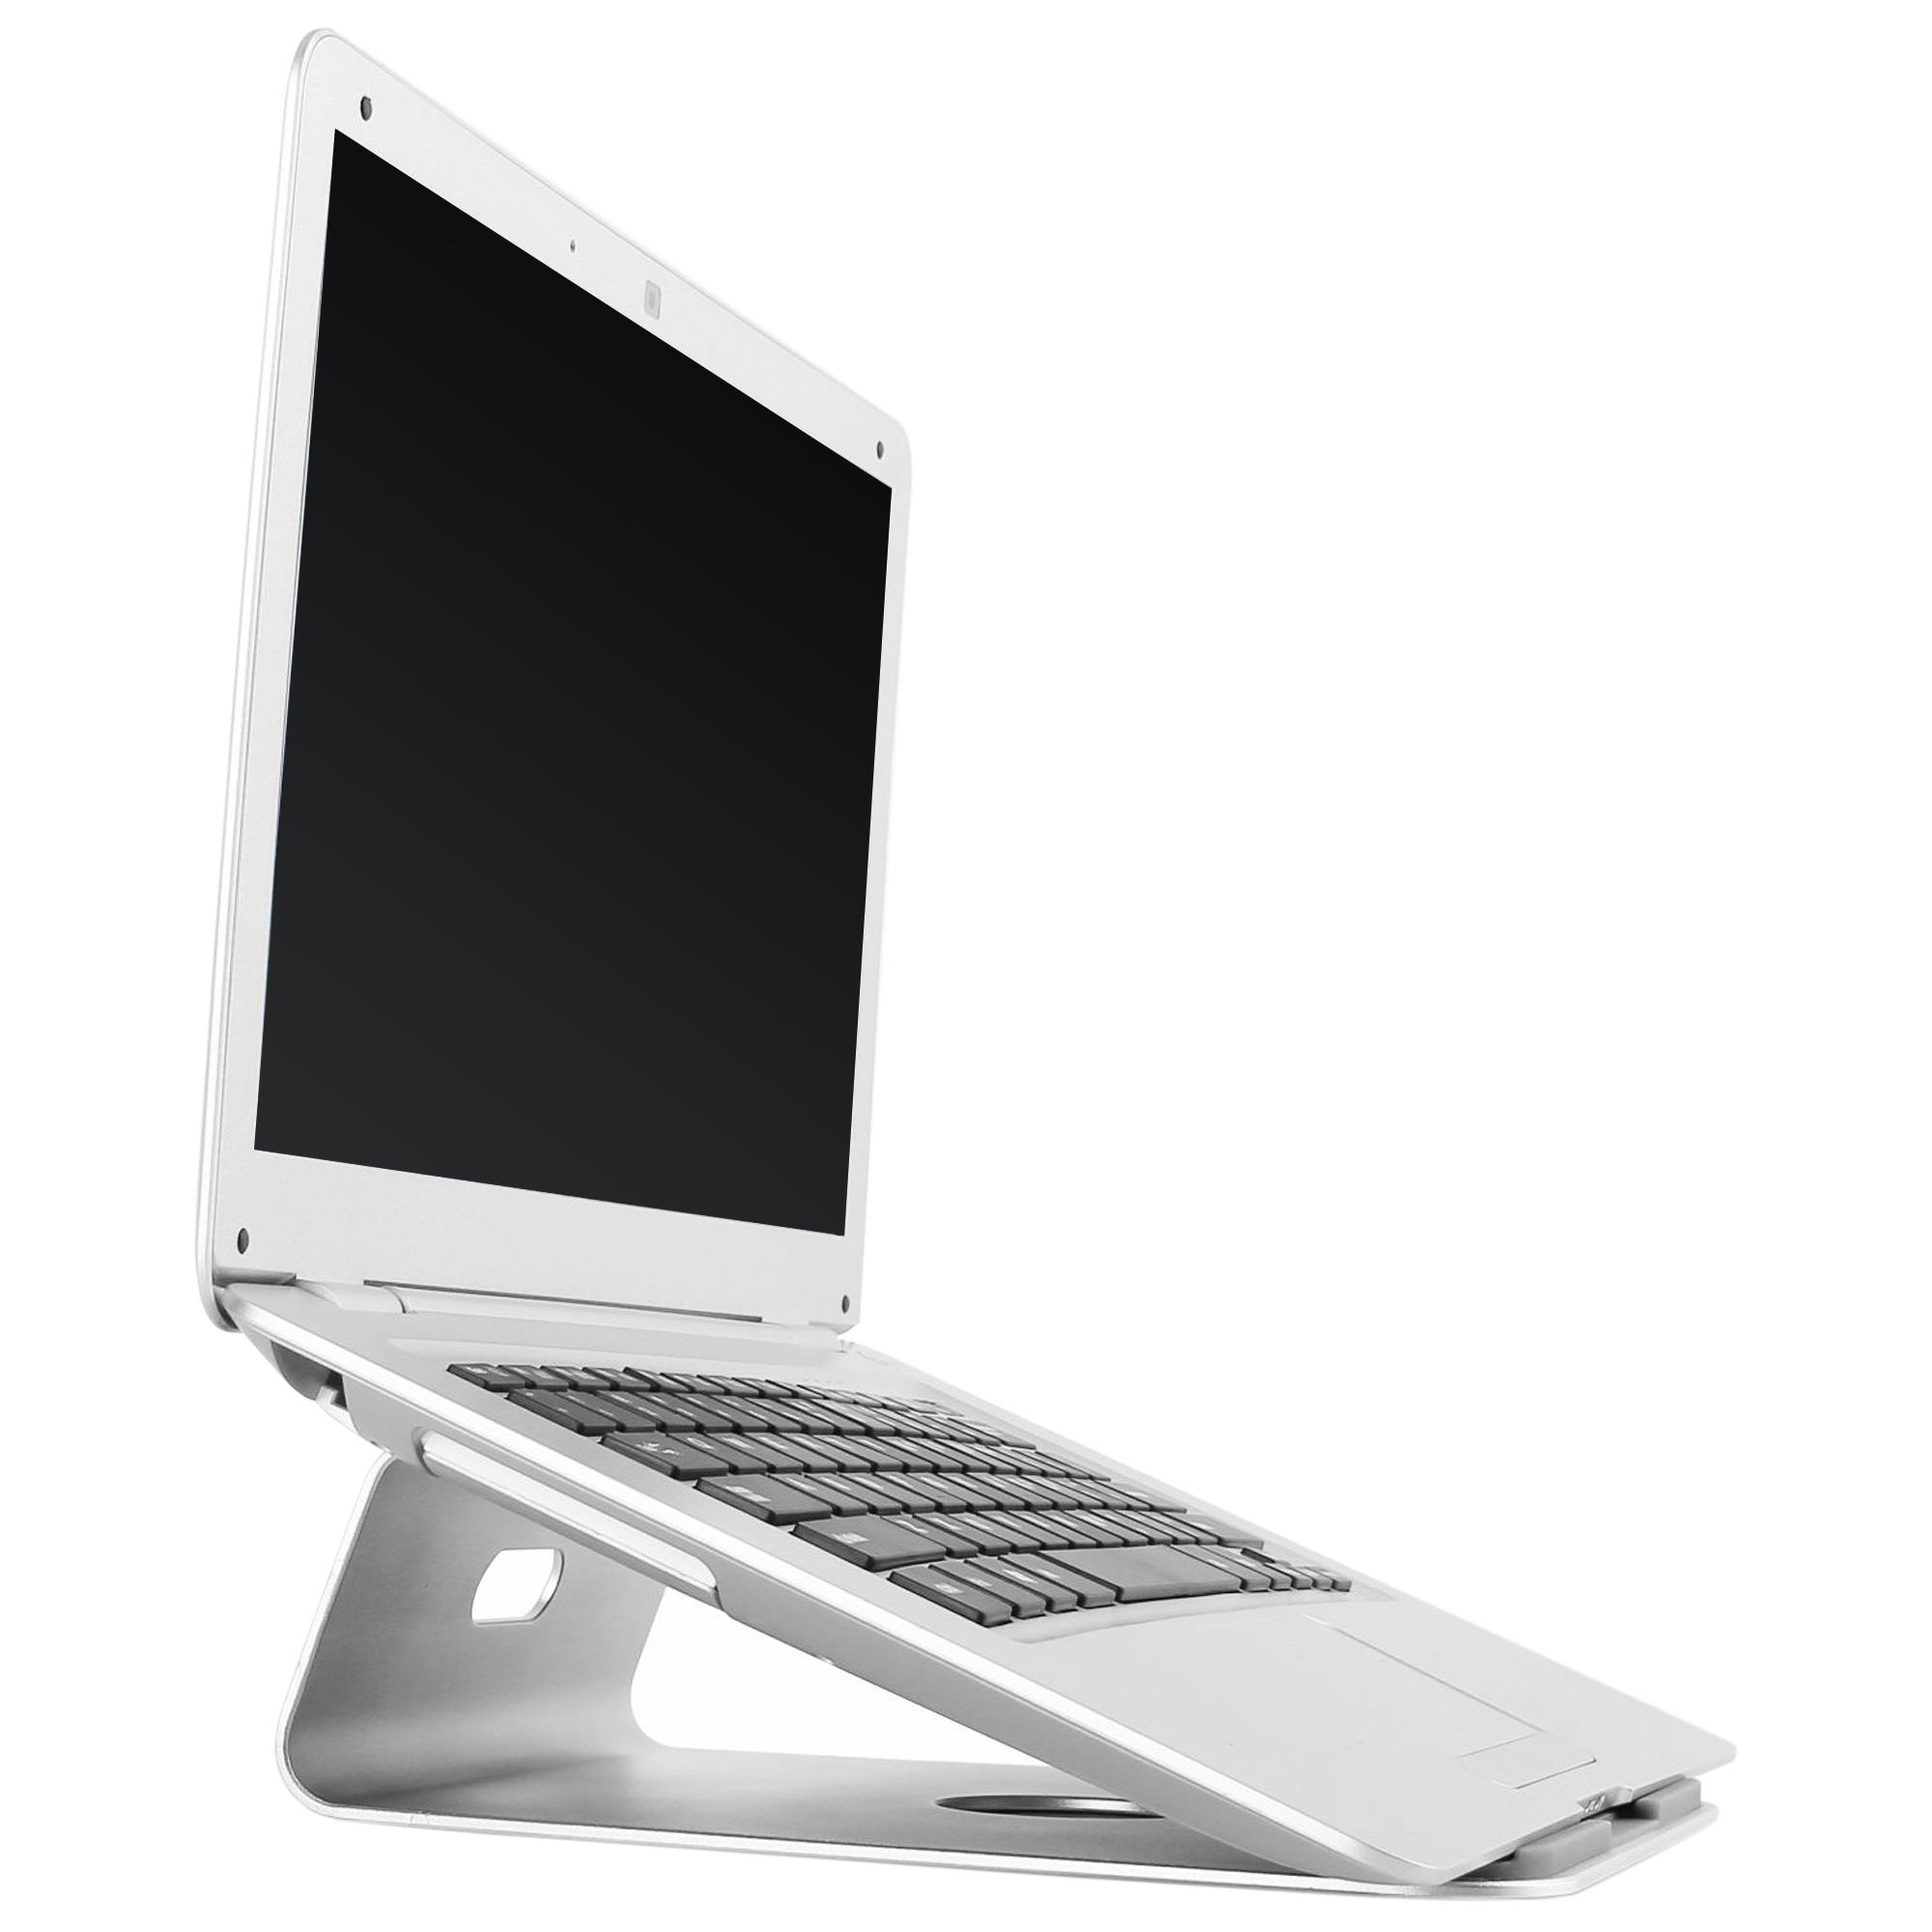 laptop st nder f r macbook mts 01 11265. Black Bedroom Furniture Sets. Home Design Ideas